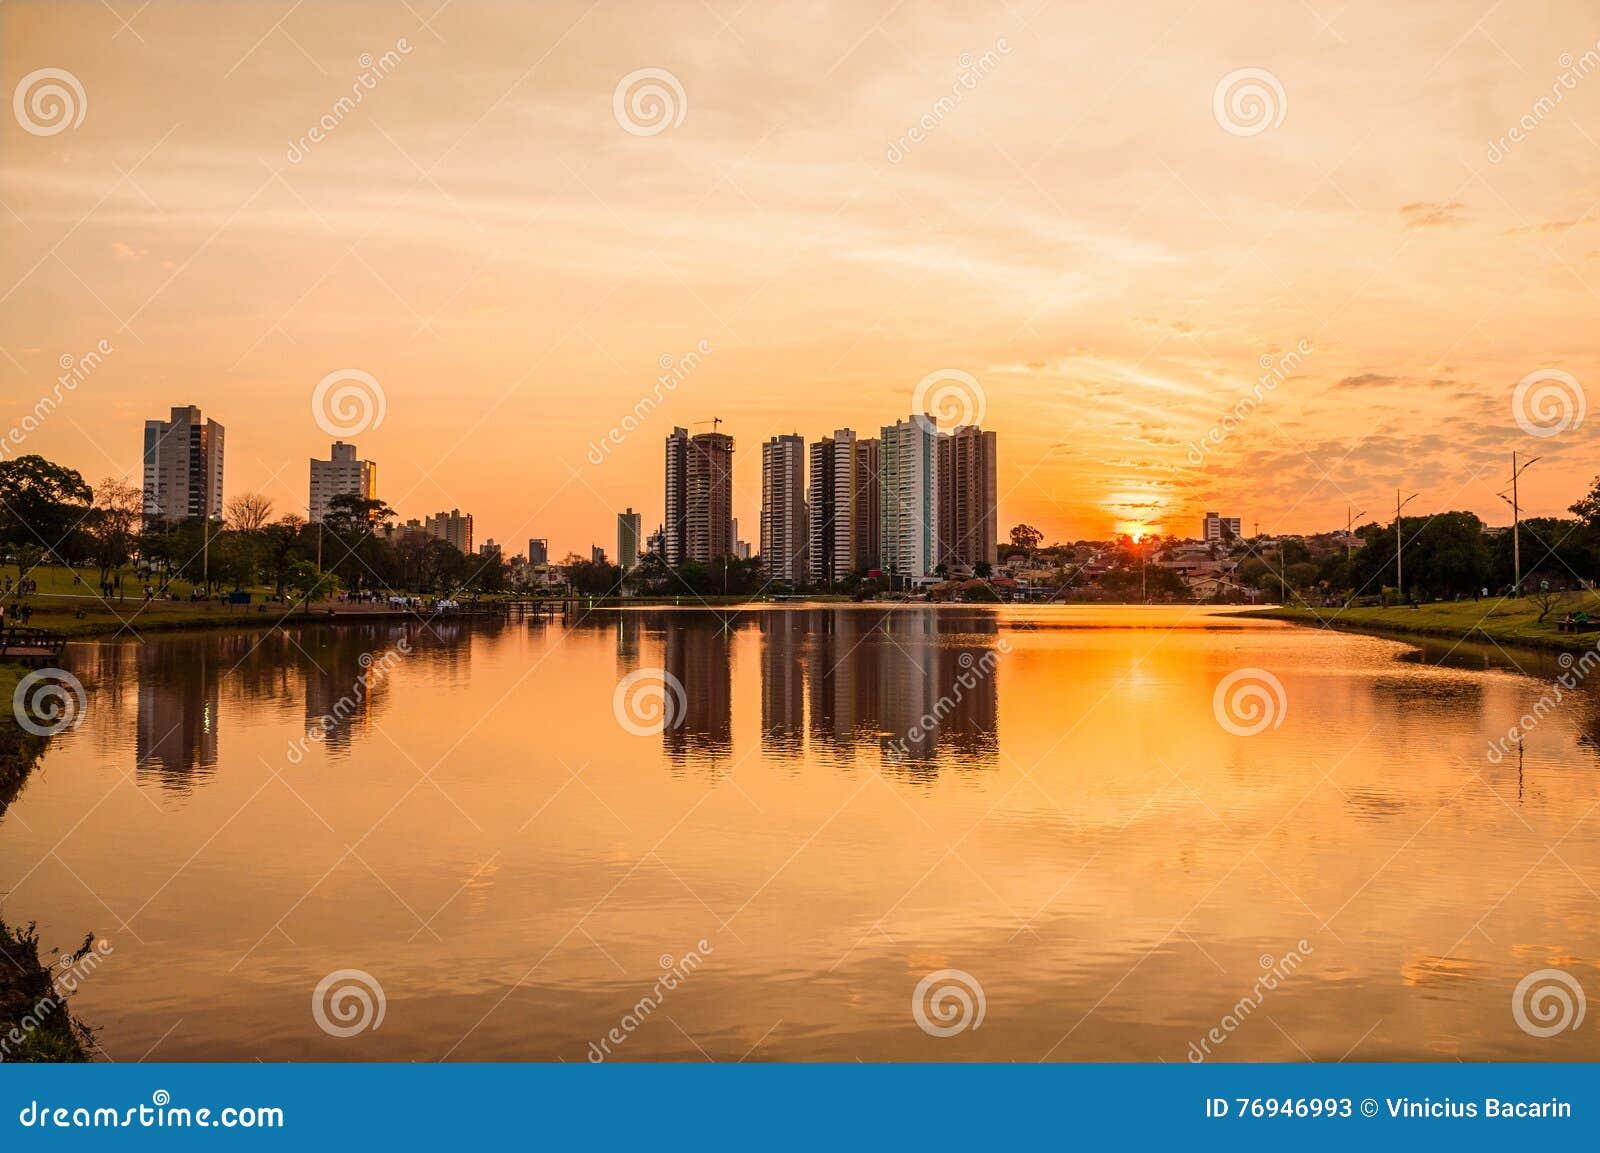 Um por do sol morno bonito no lago com construções e o fundo da cidade Cena refletida na água